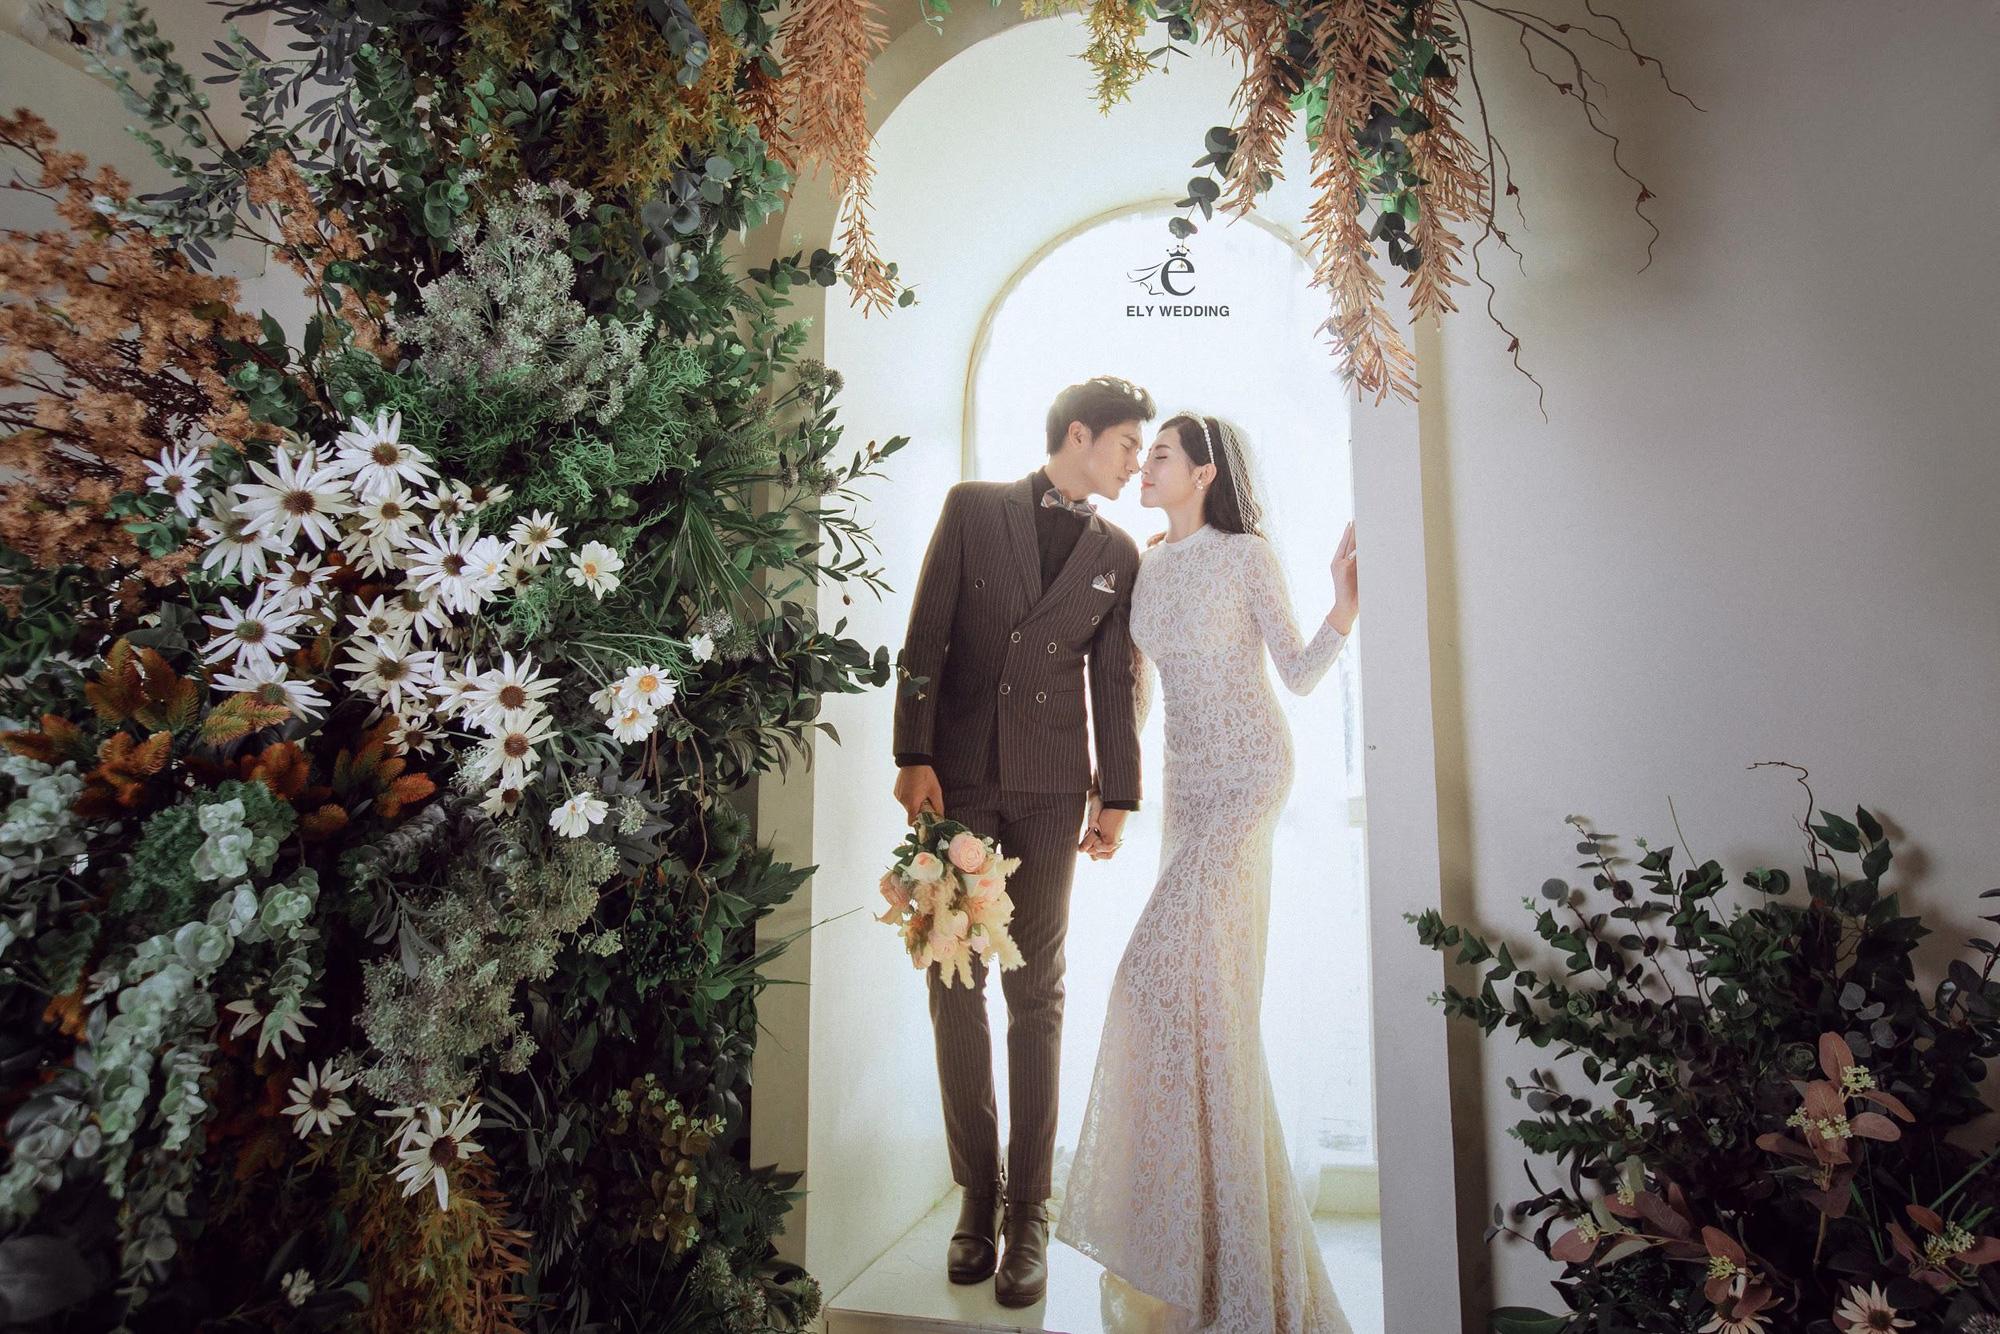 Mách nhỏ 5 địa điểm chụp ảnh cưới hot nhất Hà Nội, cứ đến là có ảnh đẹp! - Ảnh 8.